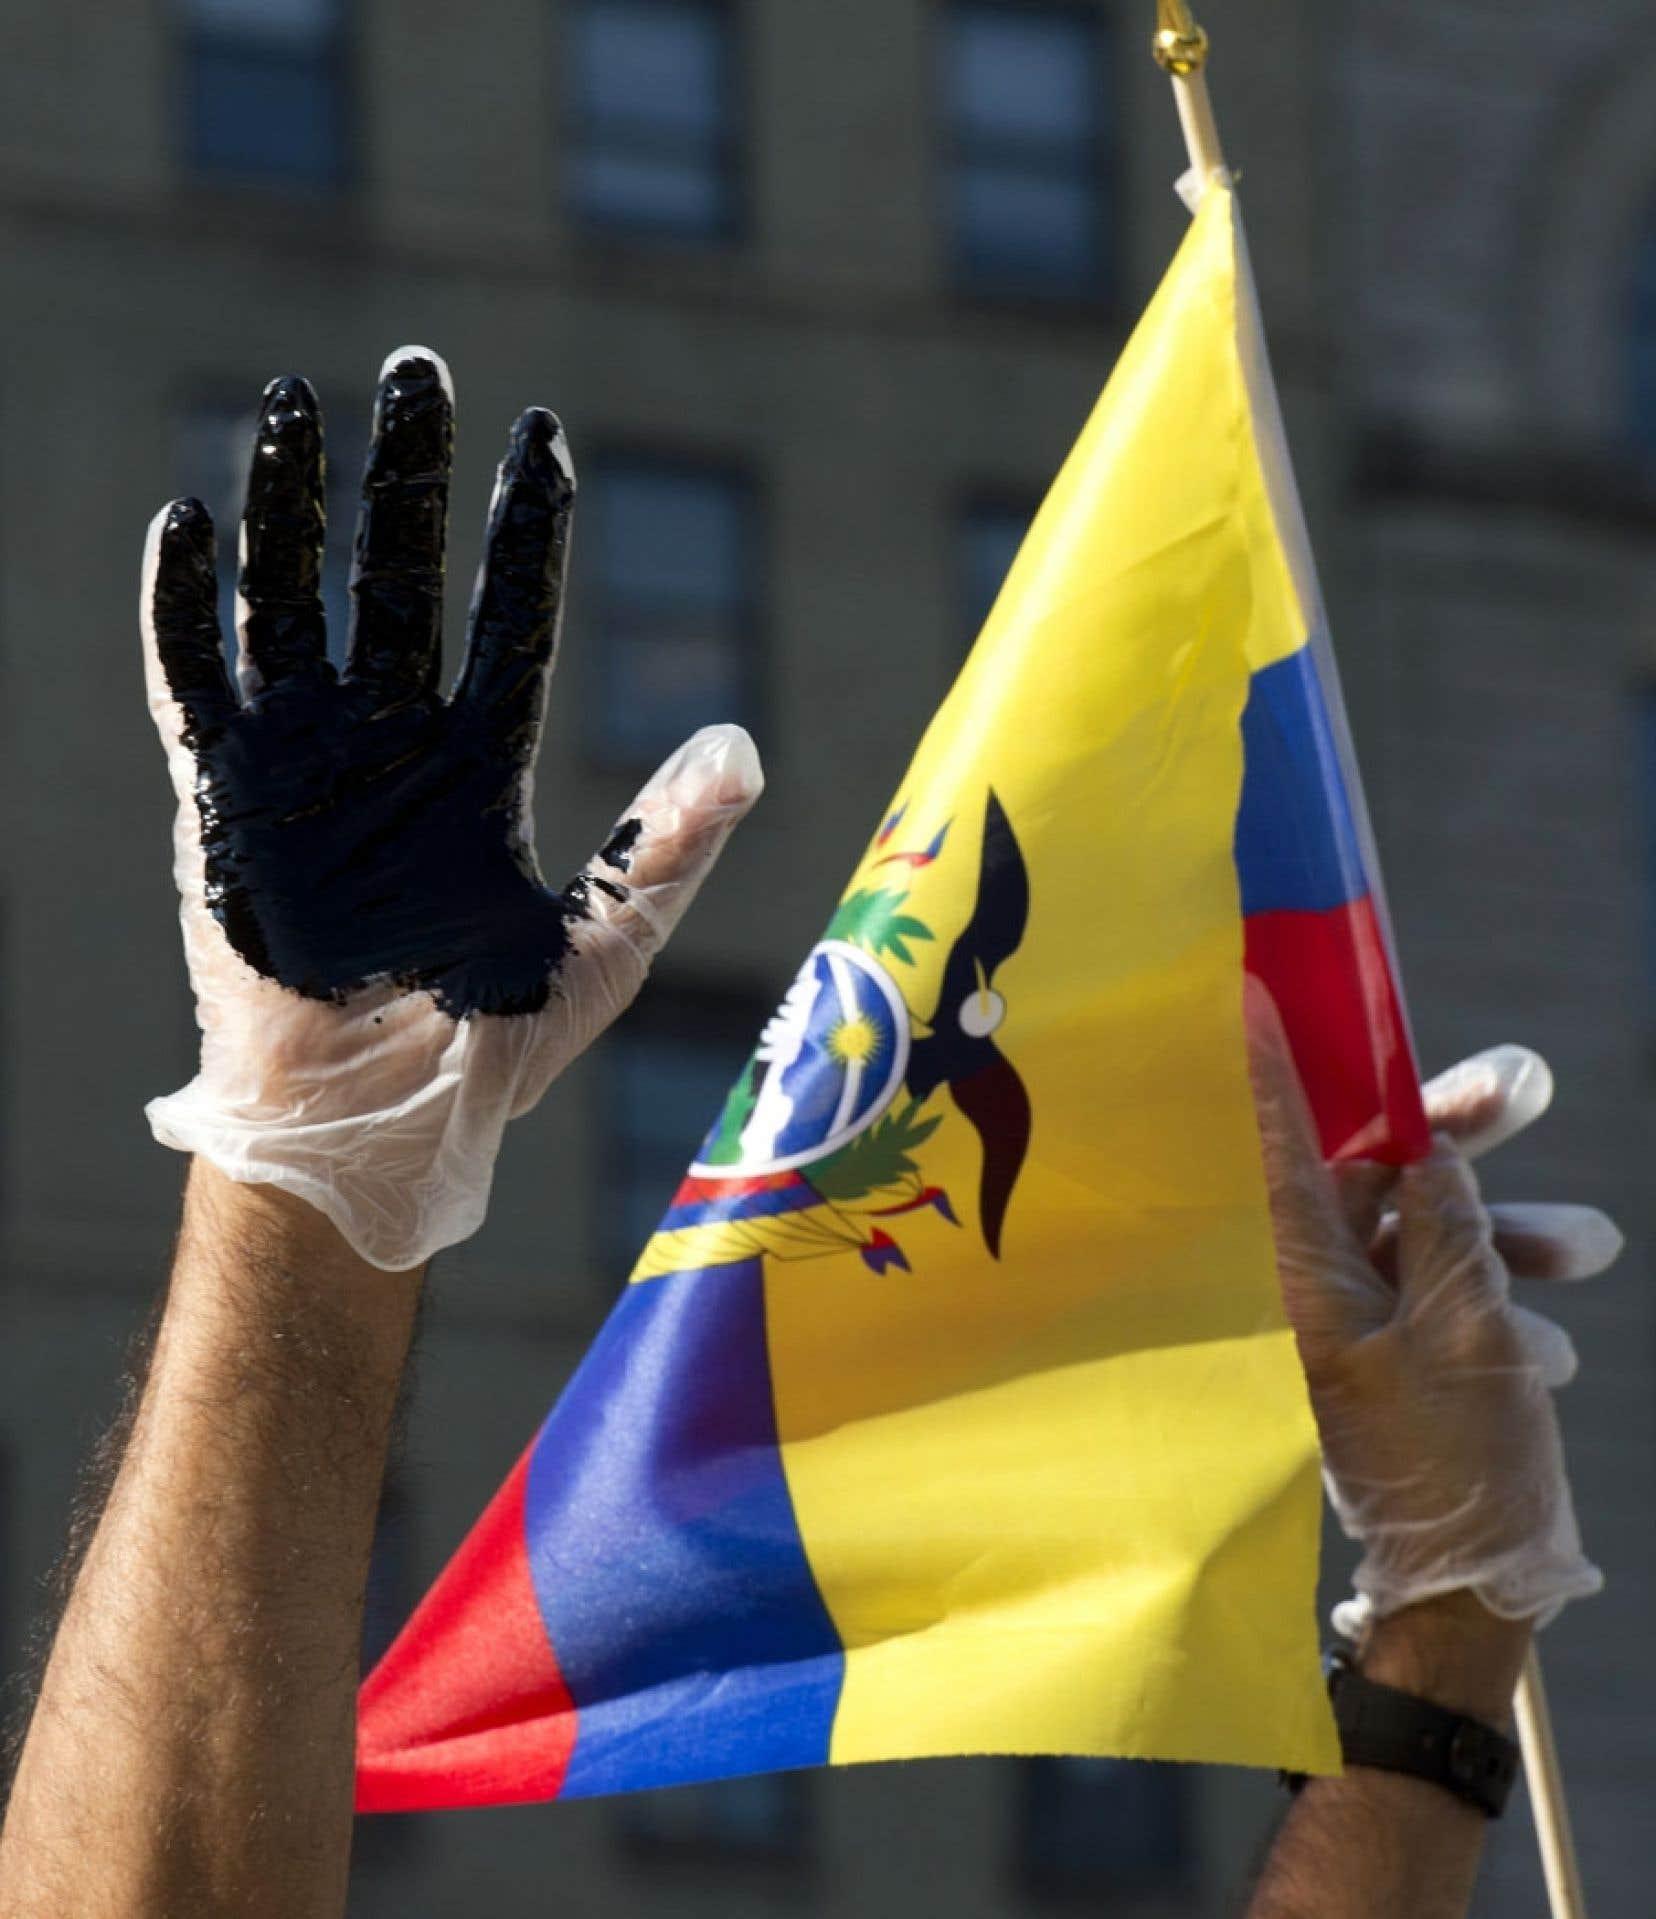 Les Équatoriens victimes de la pollution causée par Texaco tentent d'obtenir réparation en s'adressant notamment à la justice canadienne.